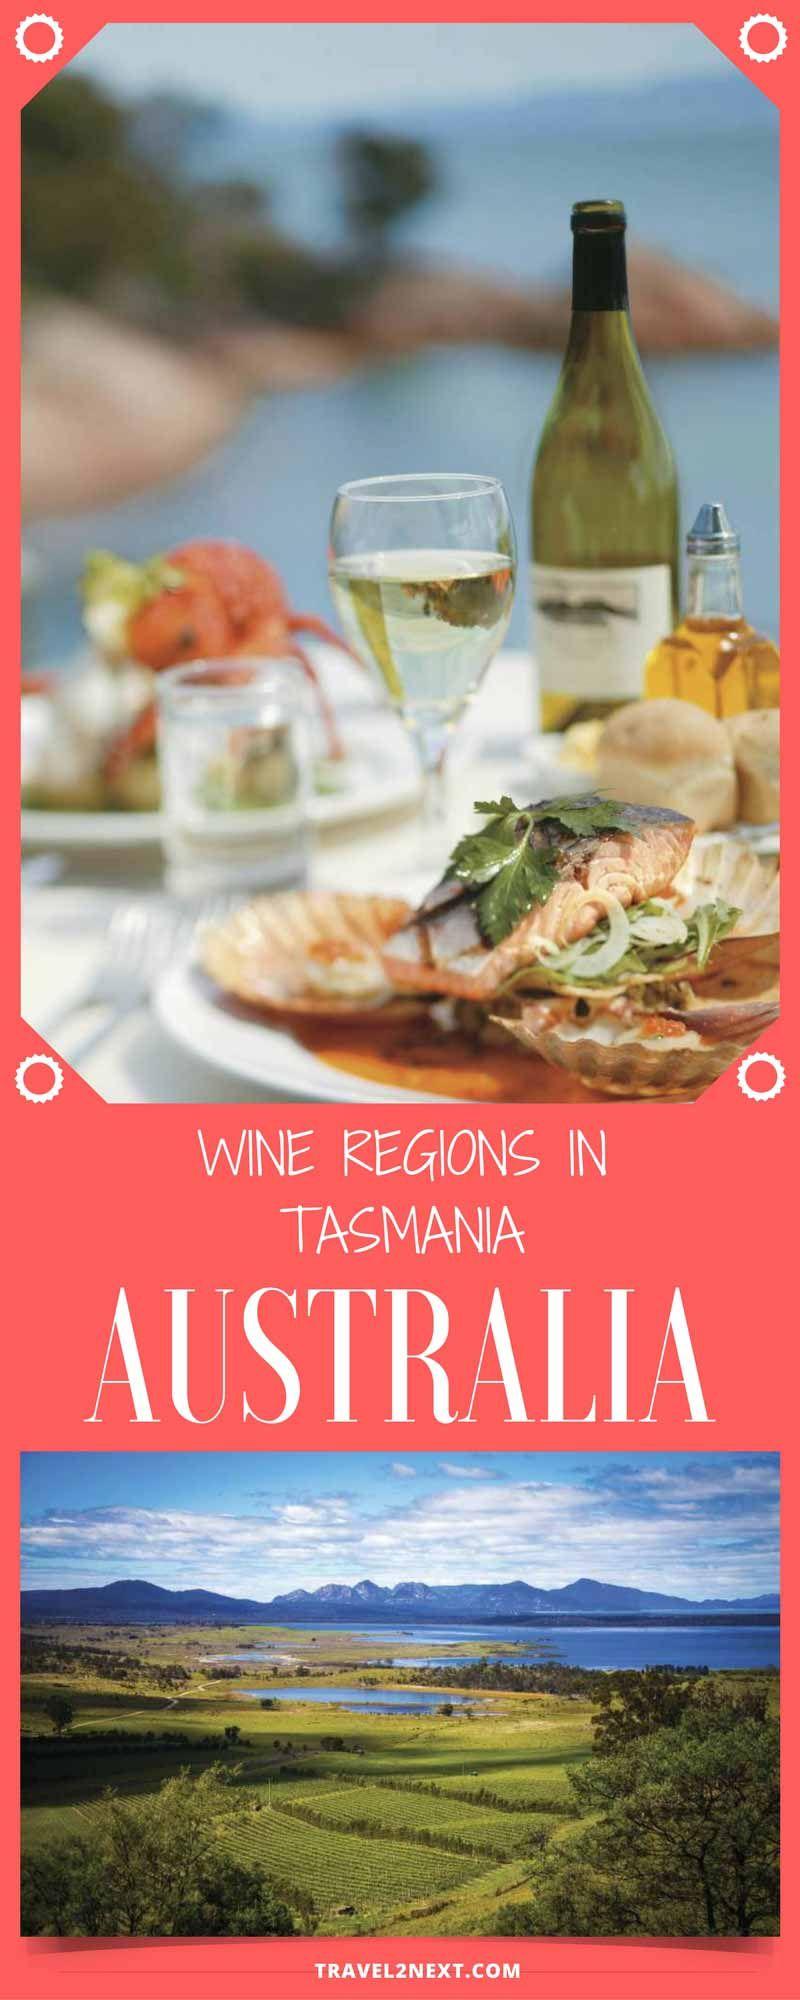 Tasmanian Wineries And Wine Regions Wine Region Tasmania Sydney Australia Travel